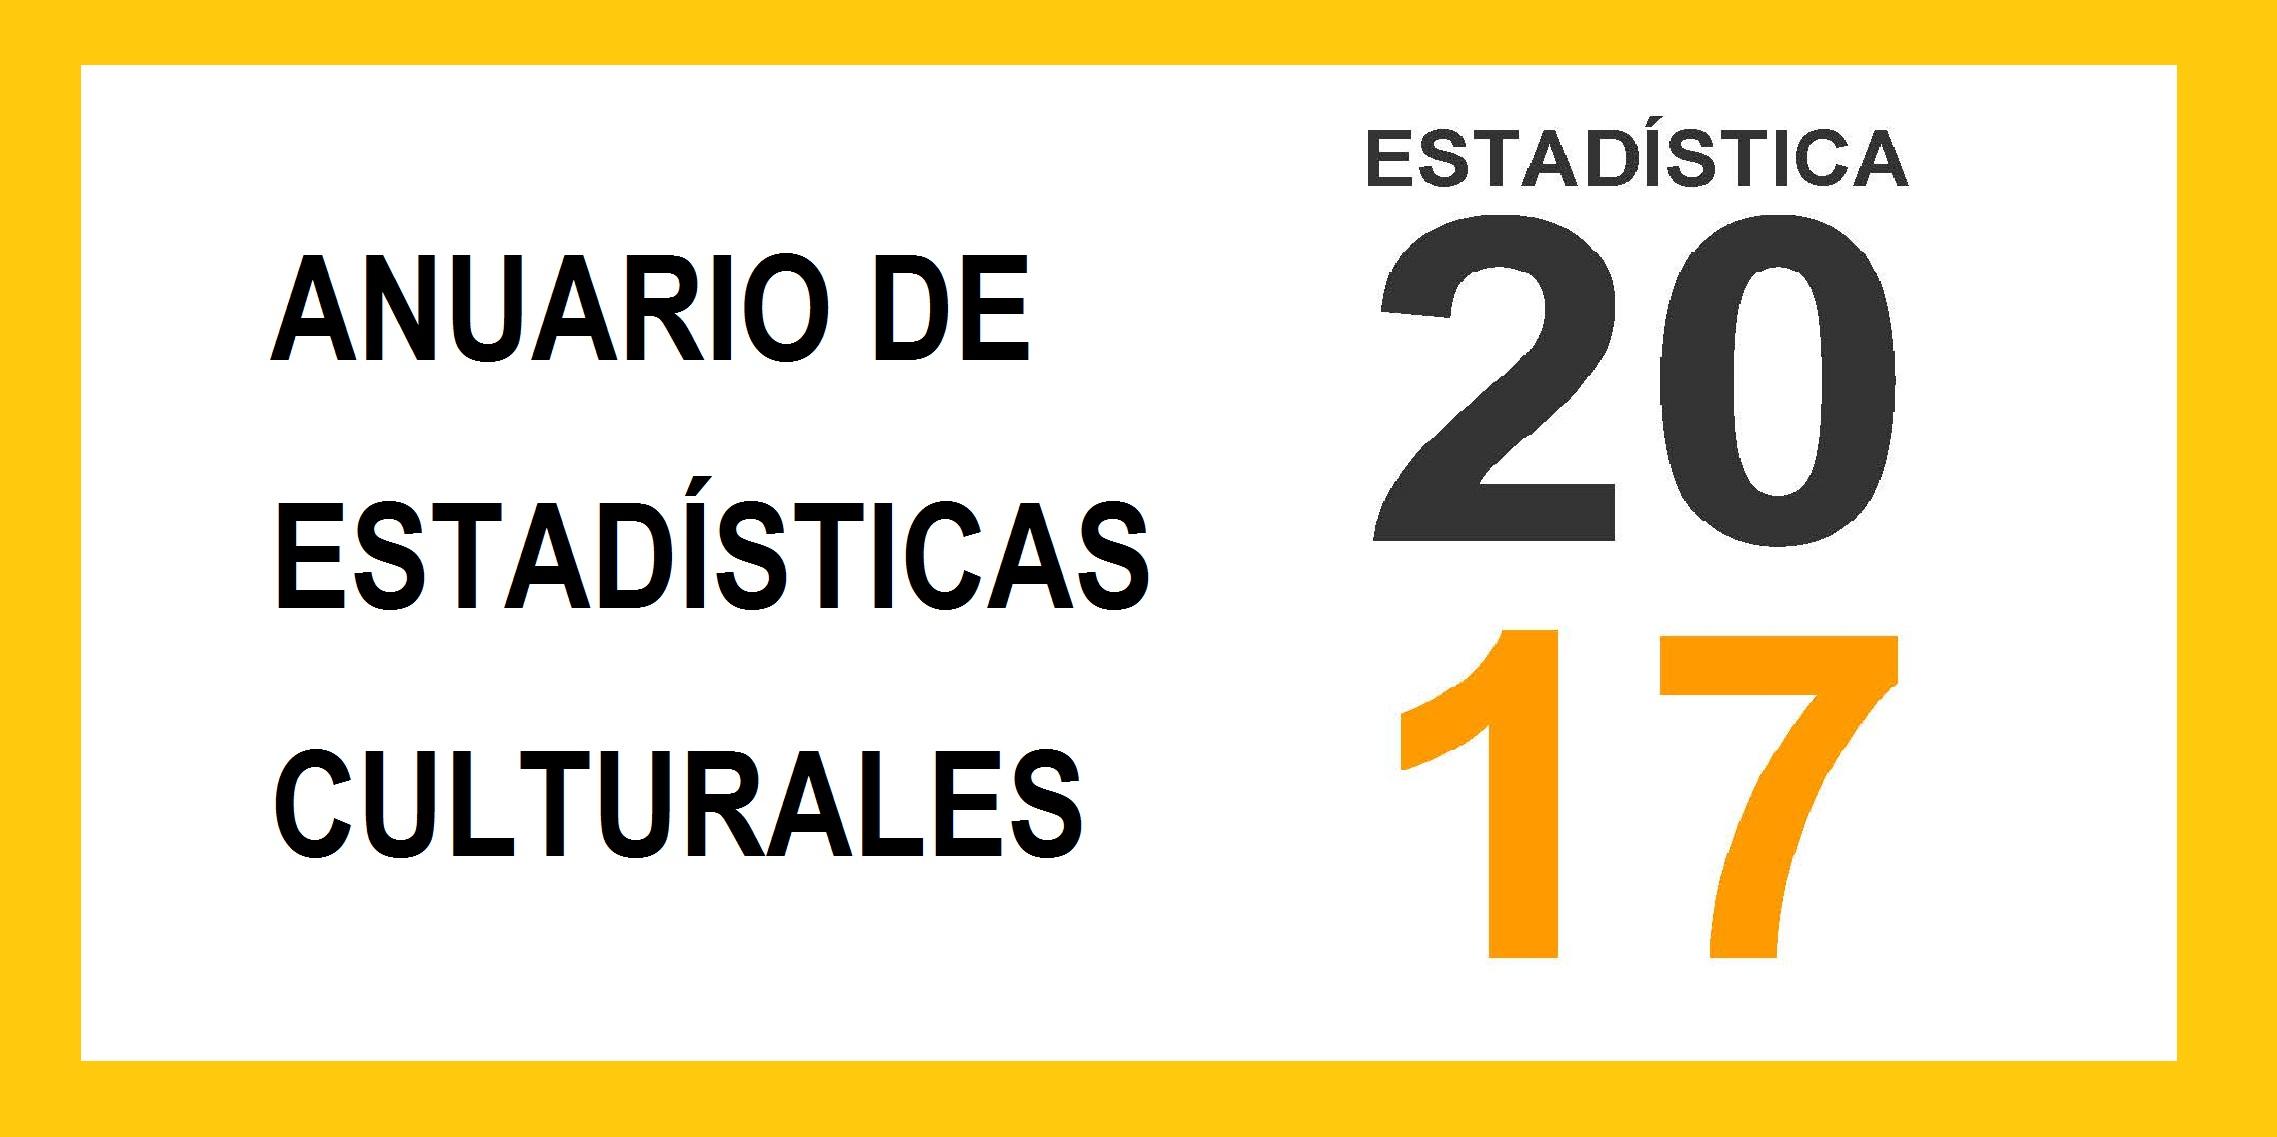 Anuario de estadisticas culturales 2017 banner